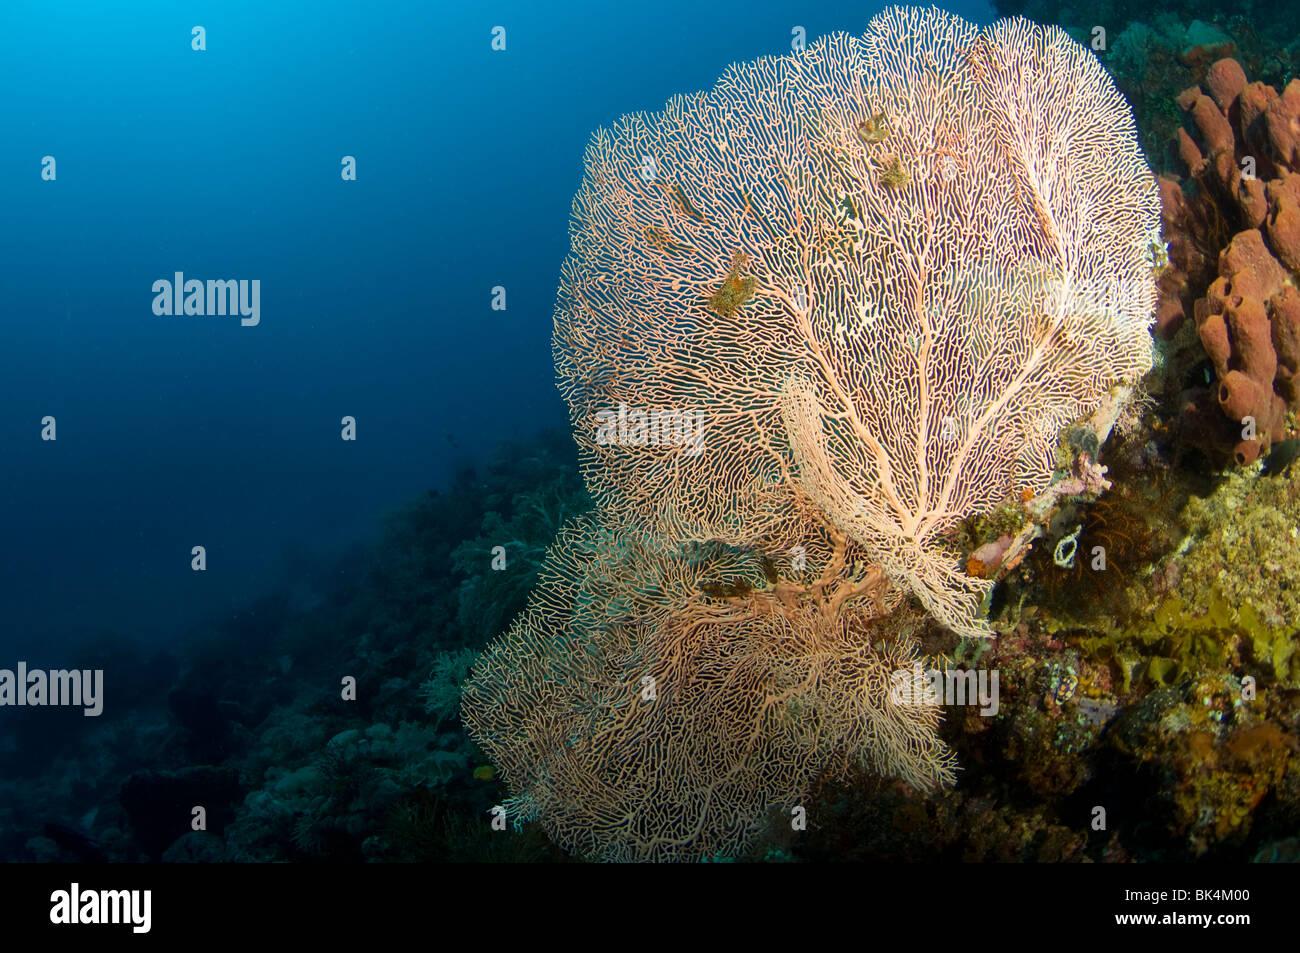 Ventilatore di mare tropicale sulla barriera corallina, Sabolo Kecil Island, il Parco Nazionale di Komodo, Indonesia Immagini Stock